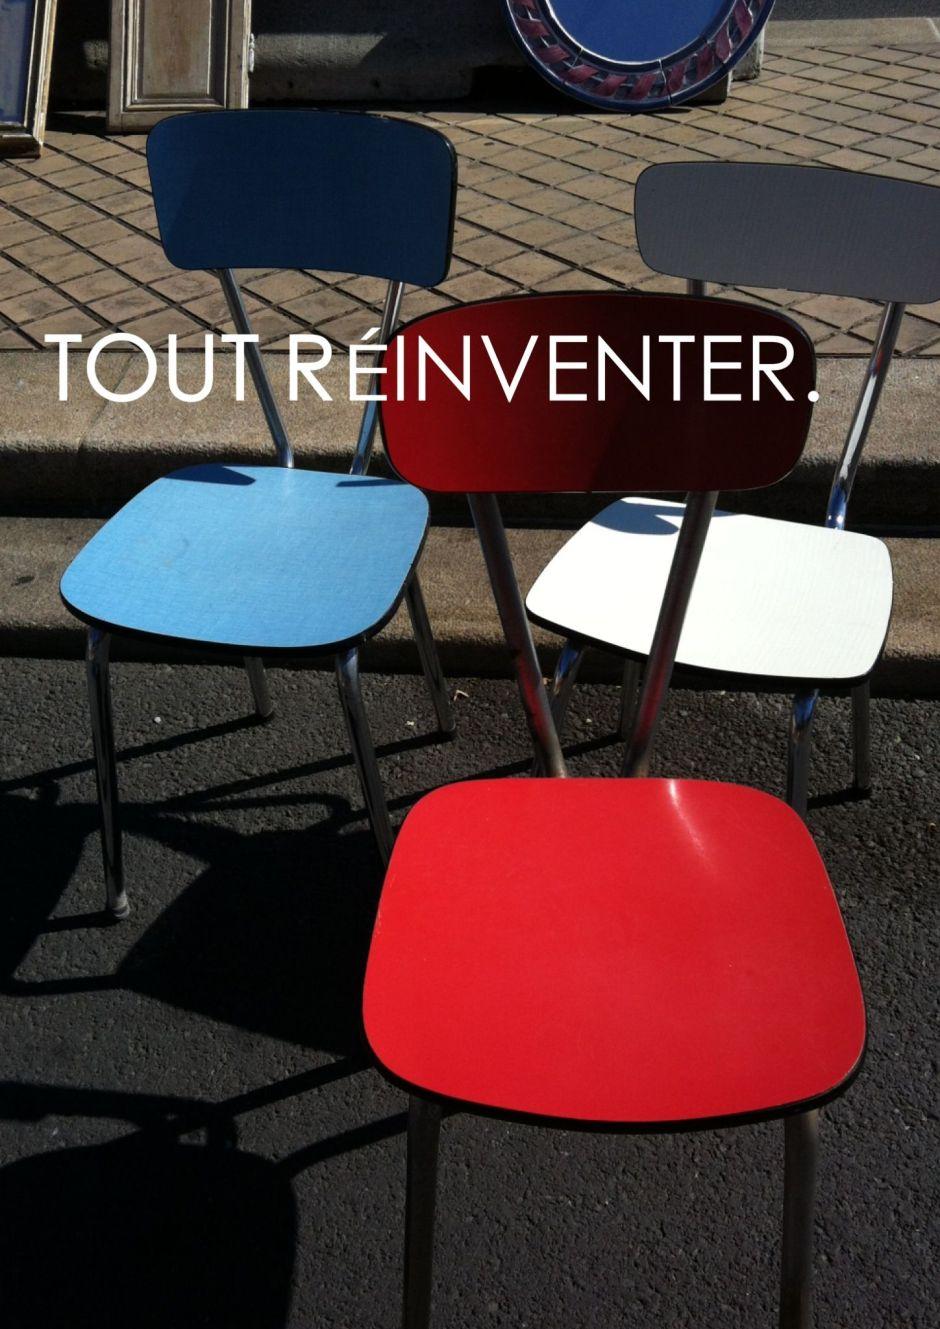 ToutreinventerBleublancrouge_4297